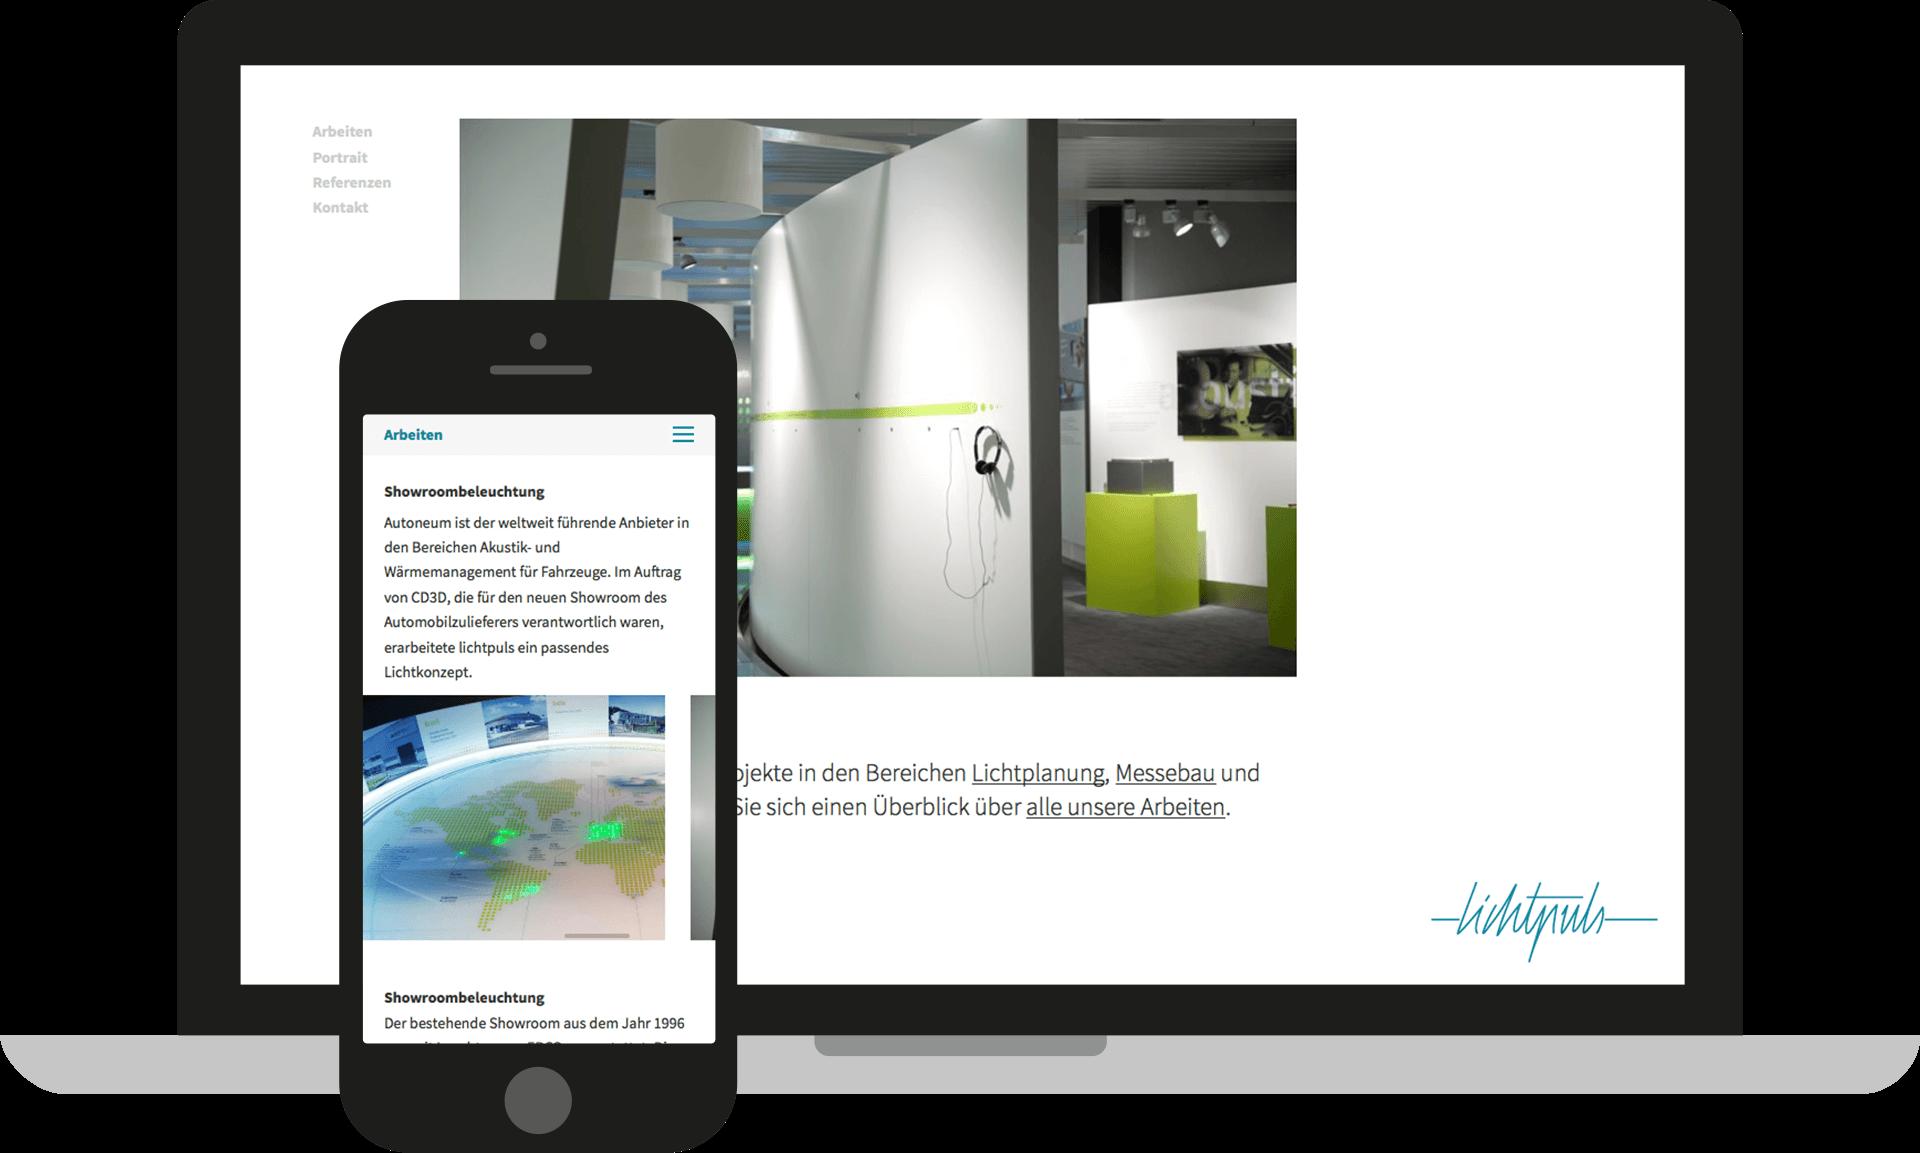 lichtpuls Website bietet optimale Darstellung auf verschiedenen Bildschirmgrößen und Mobilgeräten